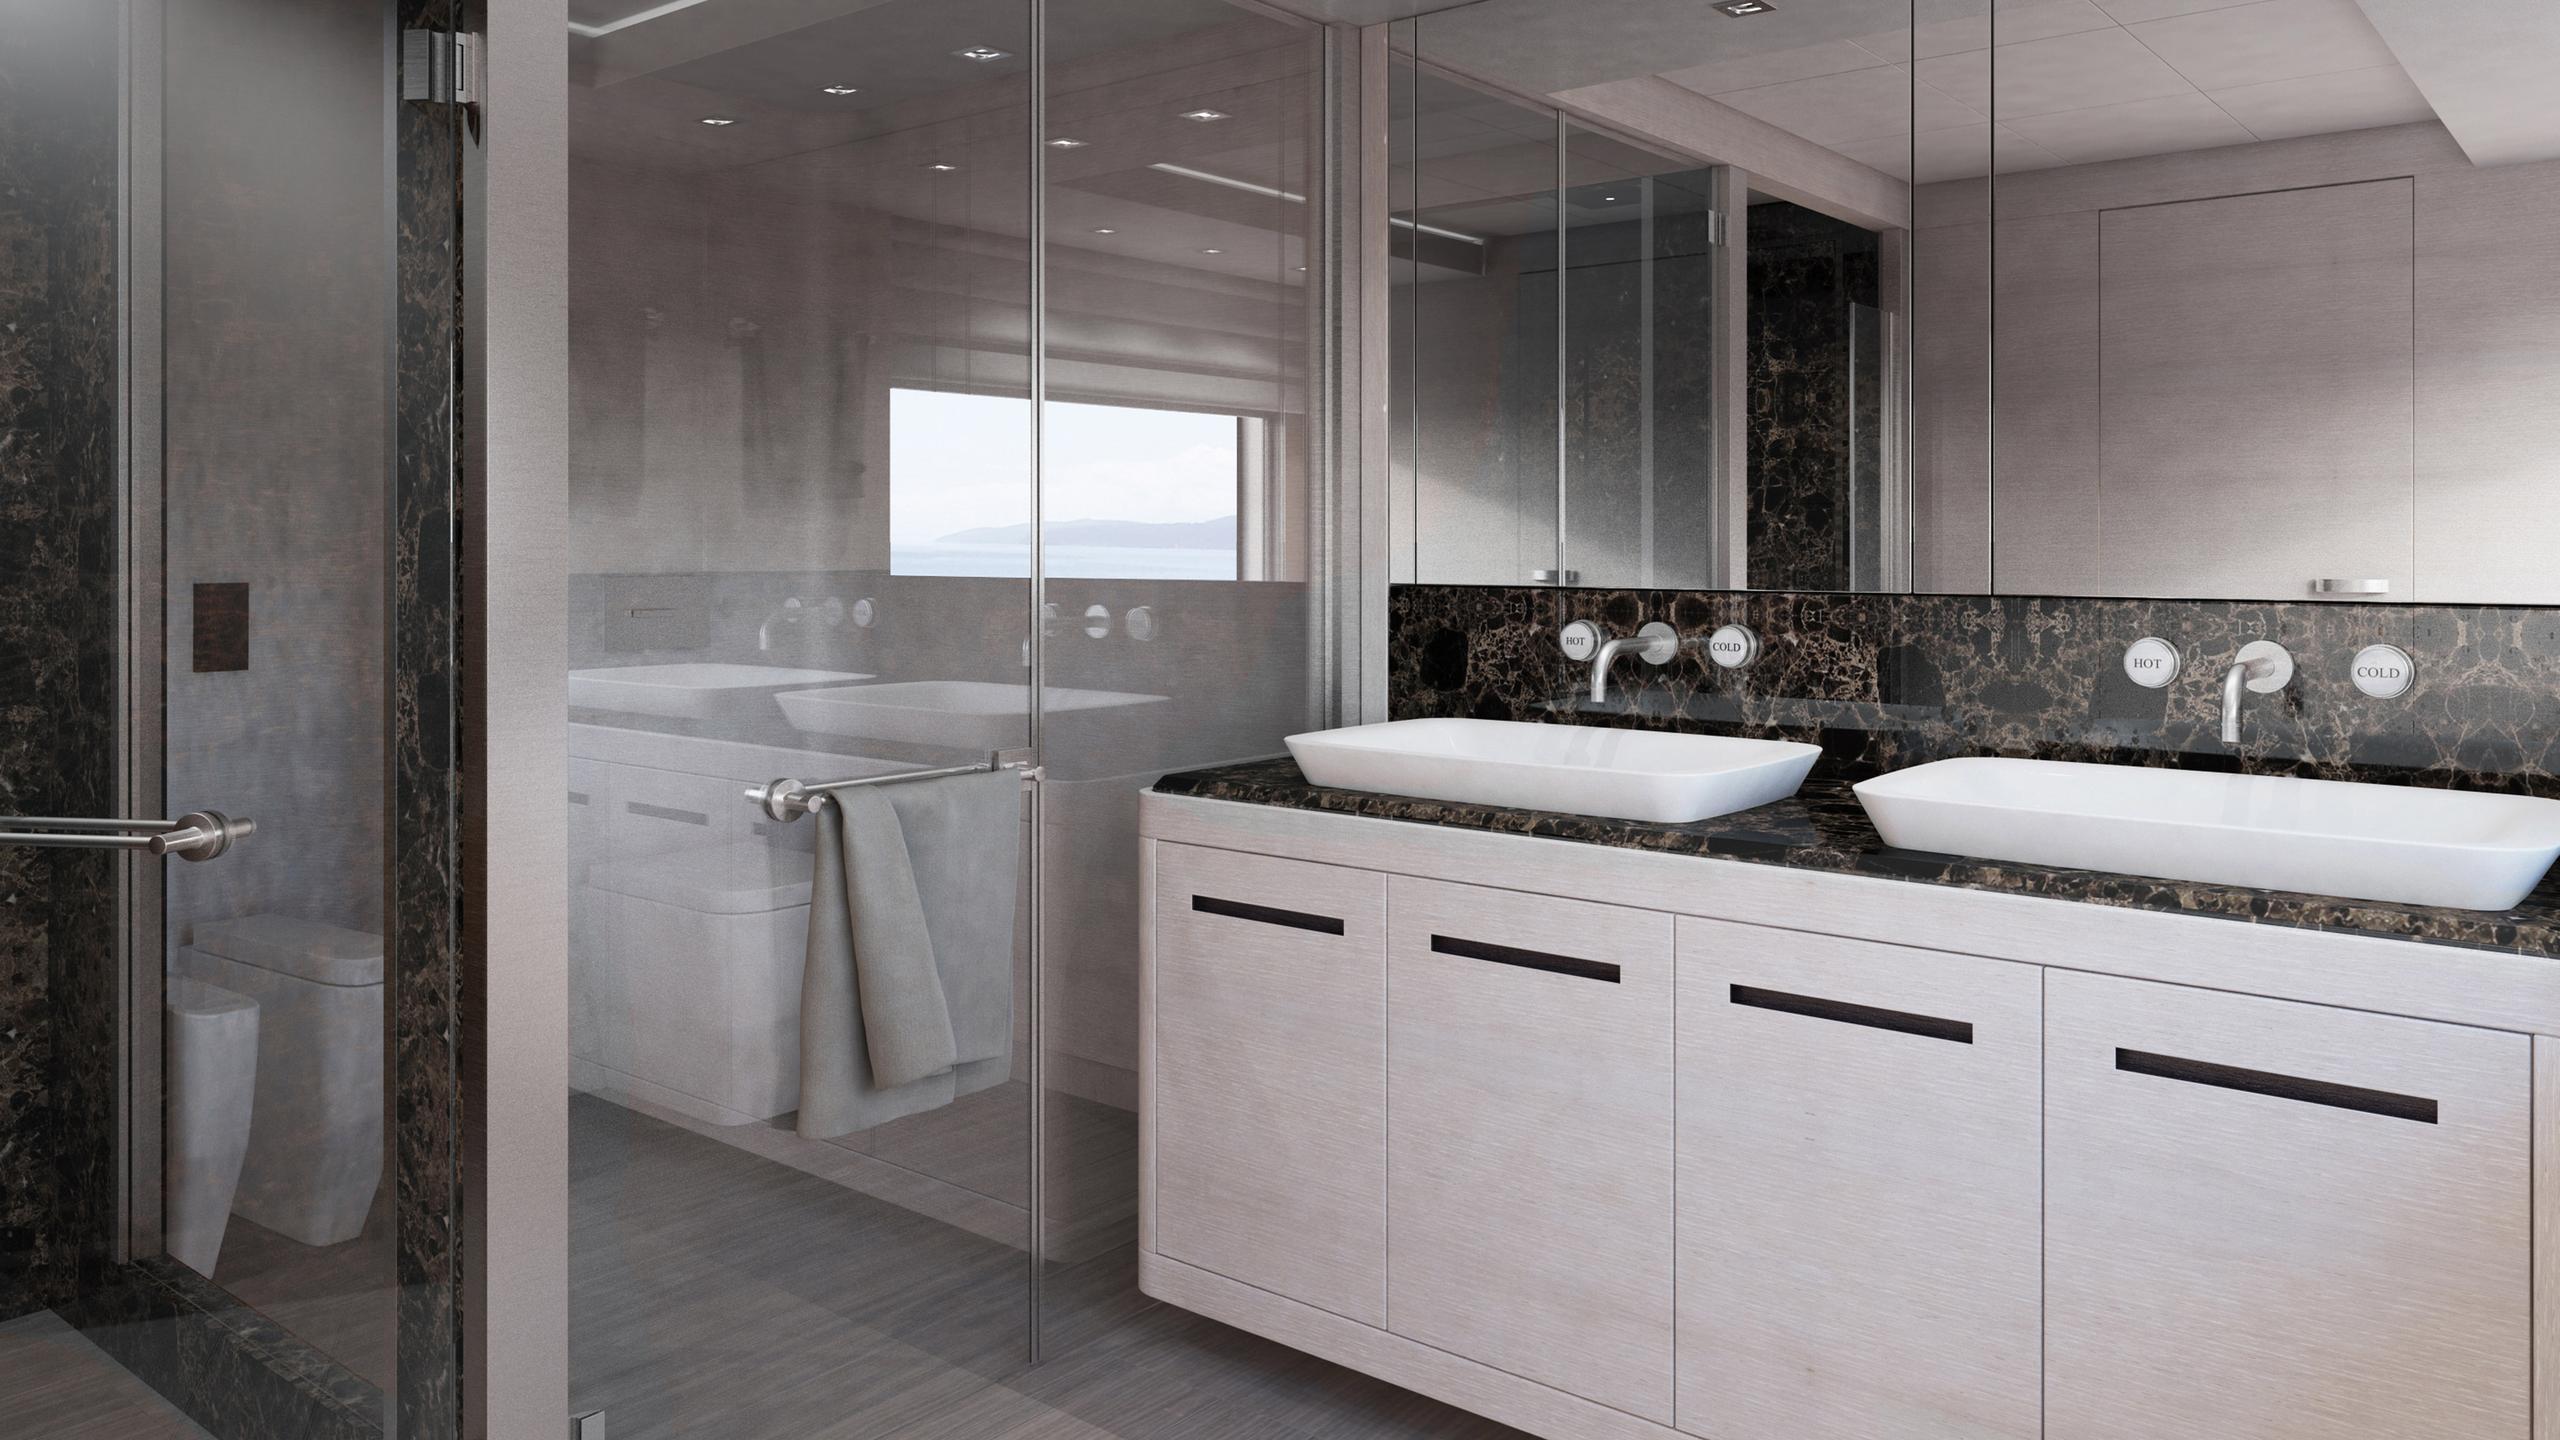 gipsy-motor-yacht-otam-2016-35m-bathroom